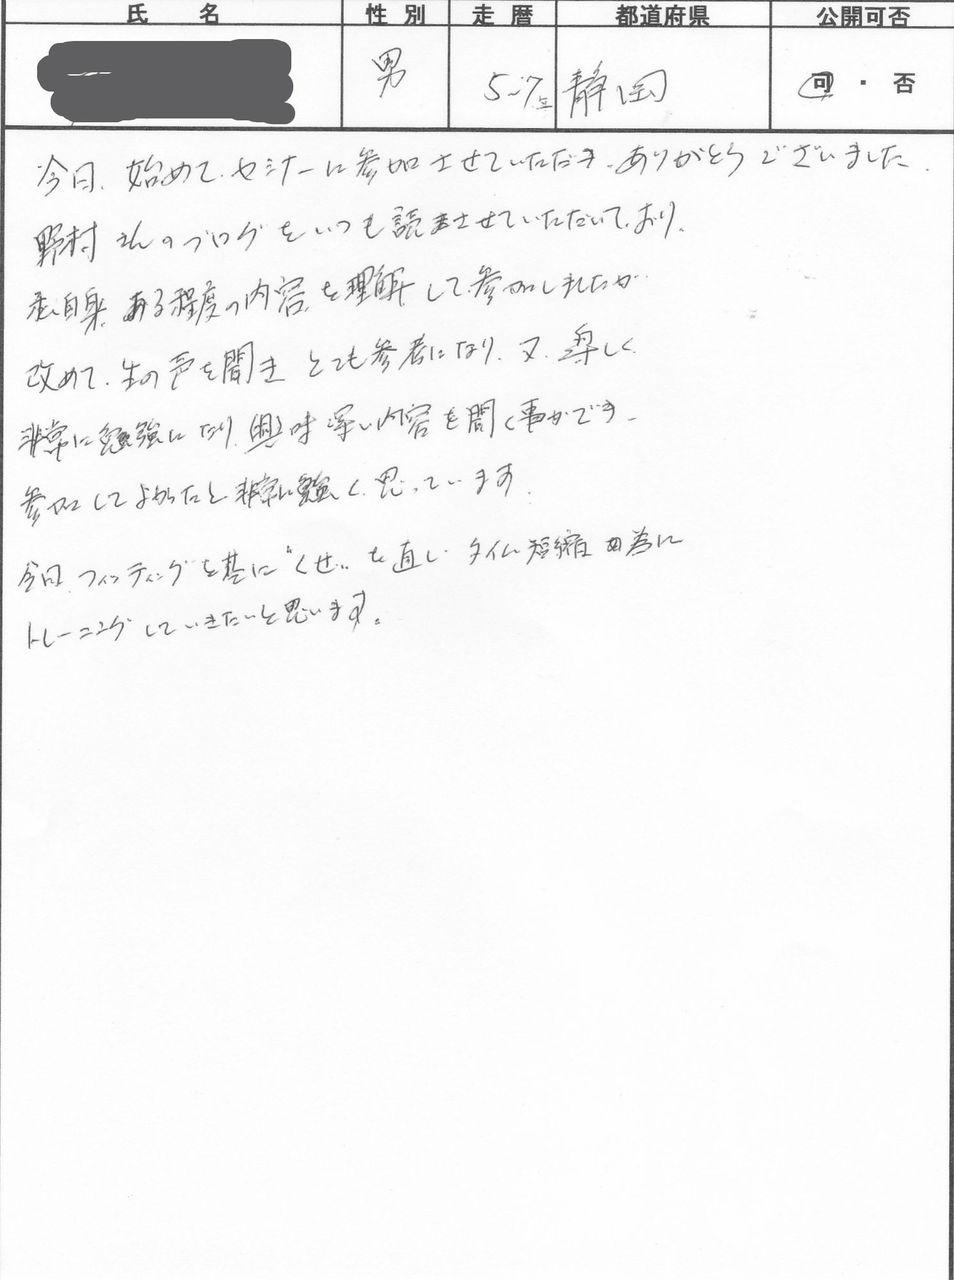 2012年6月東京・静岡セミナー感想_0011_copy